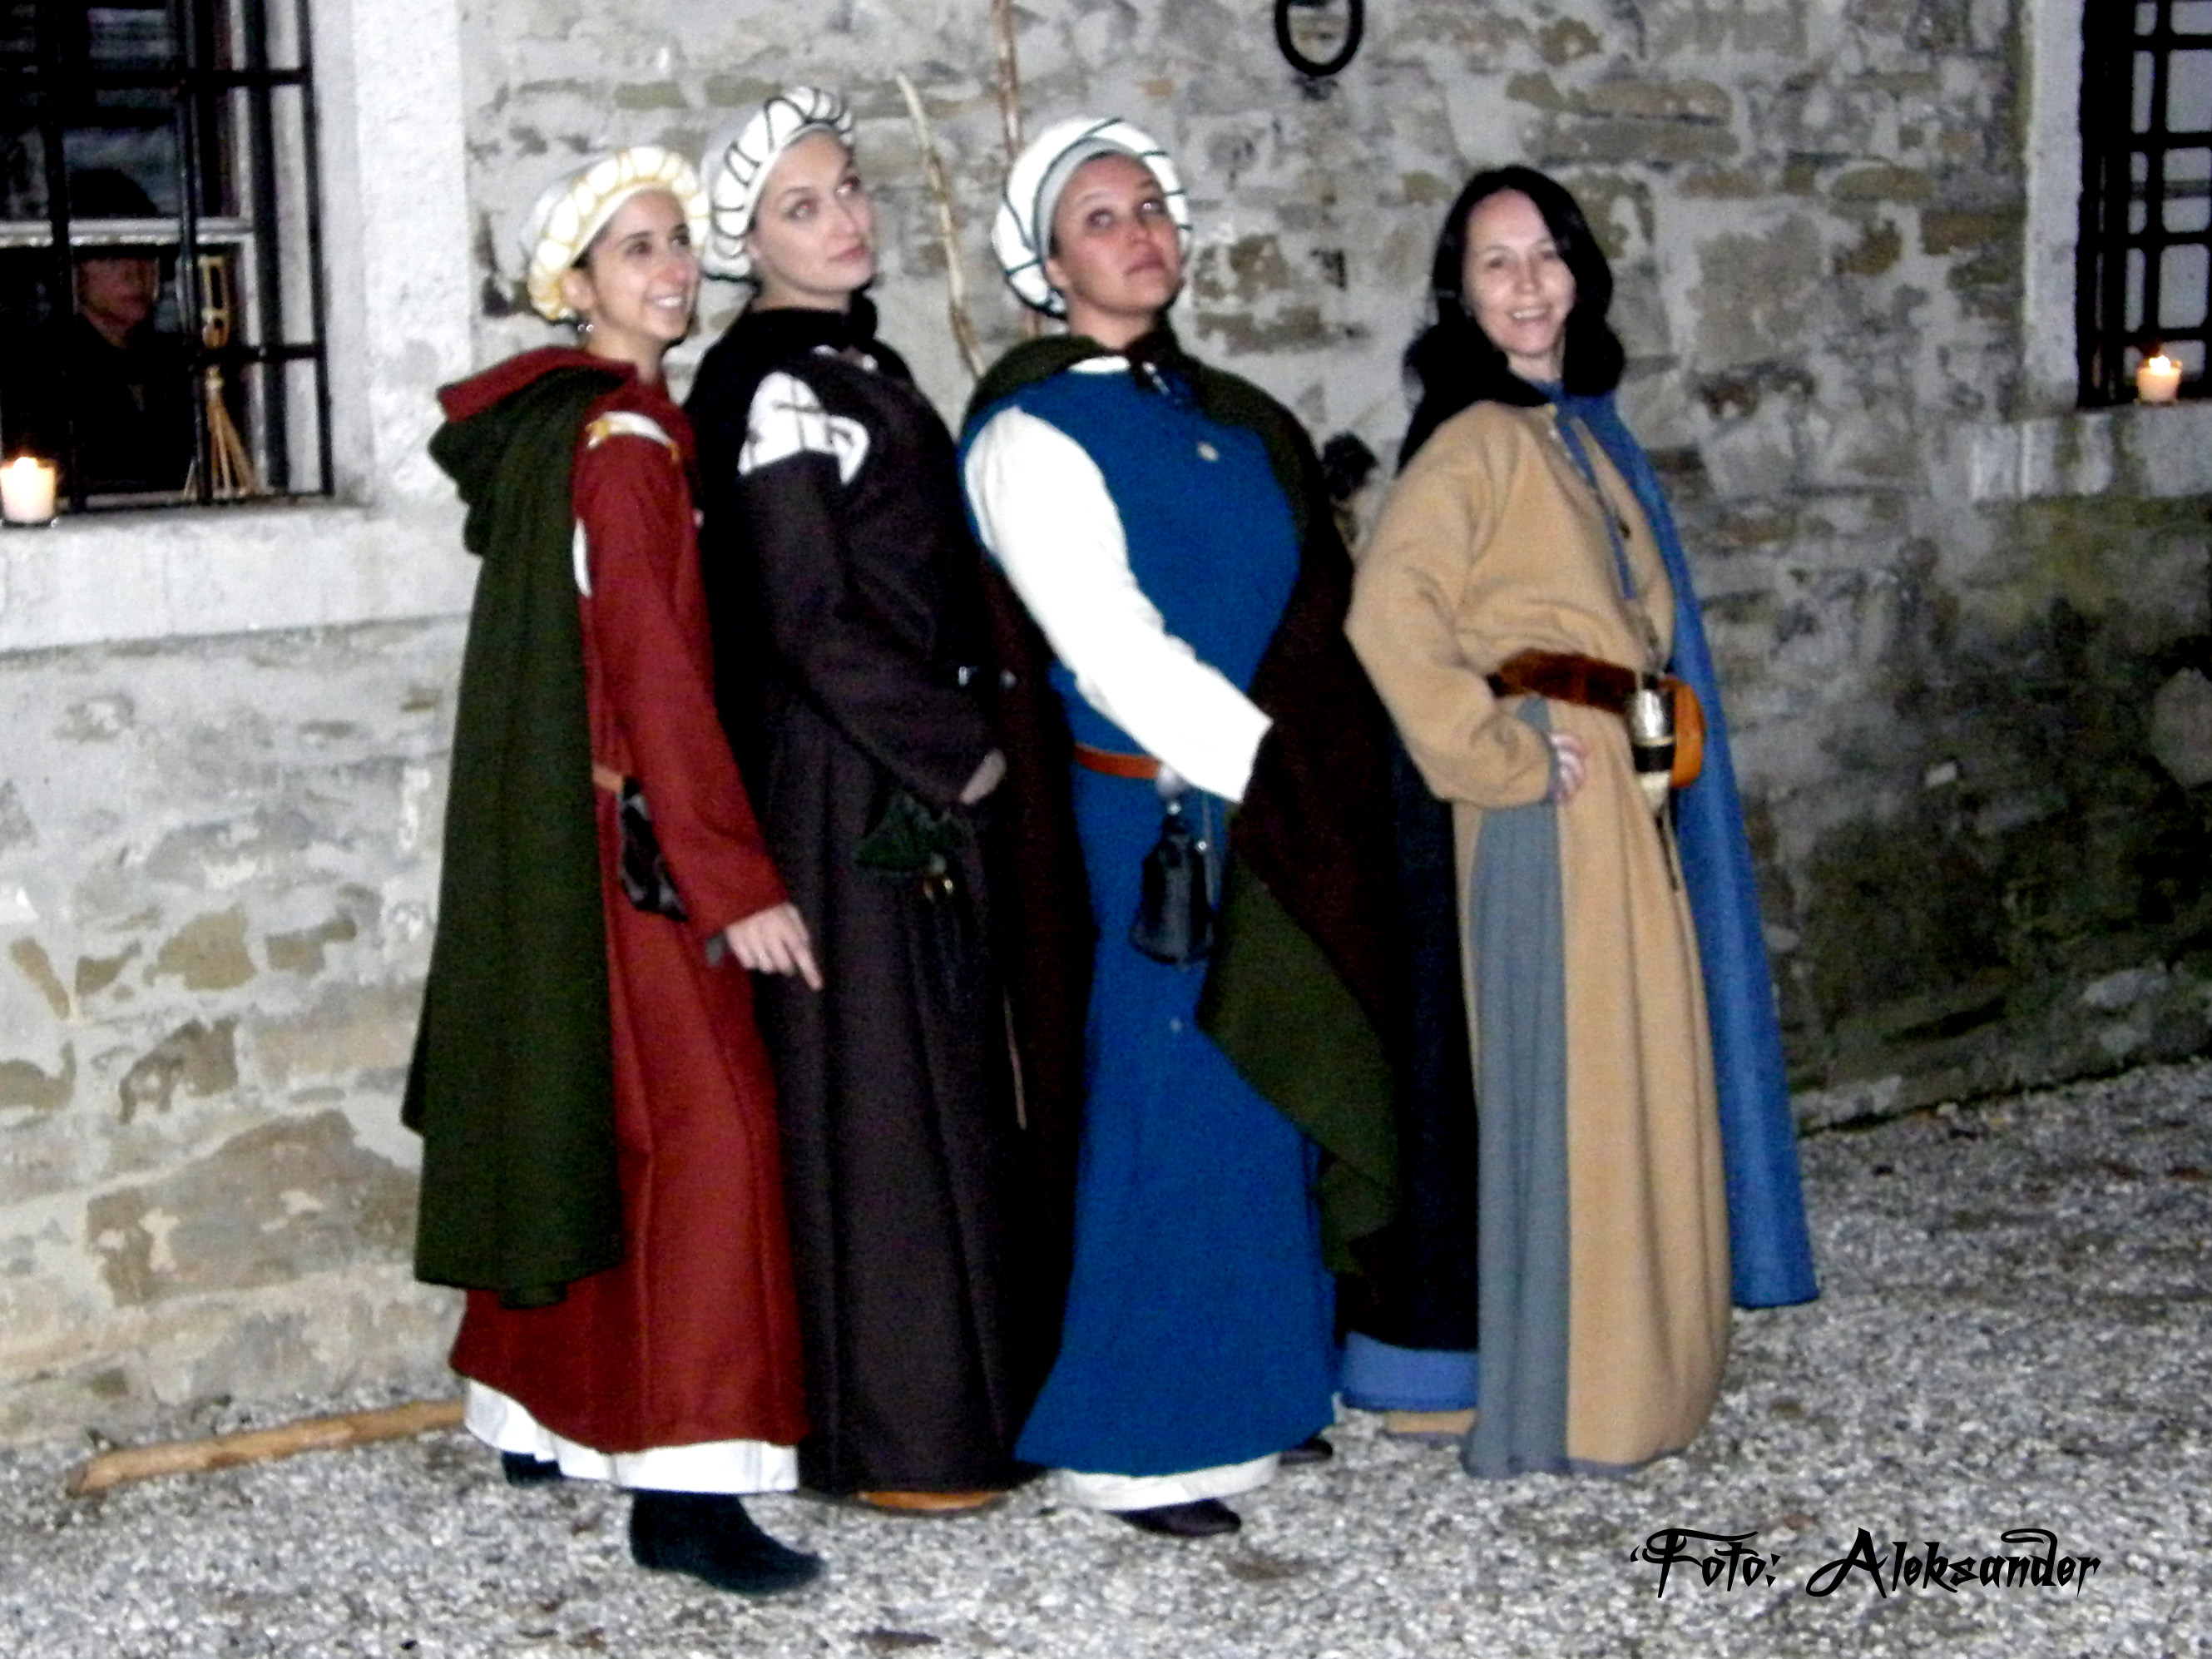 Cena medievale, srednjeveška večerja